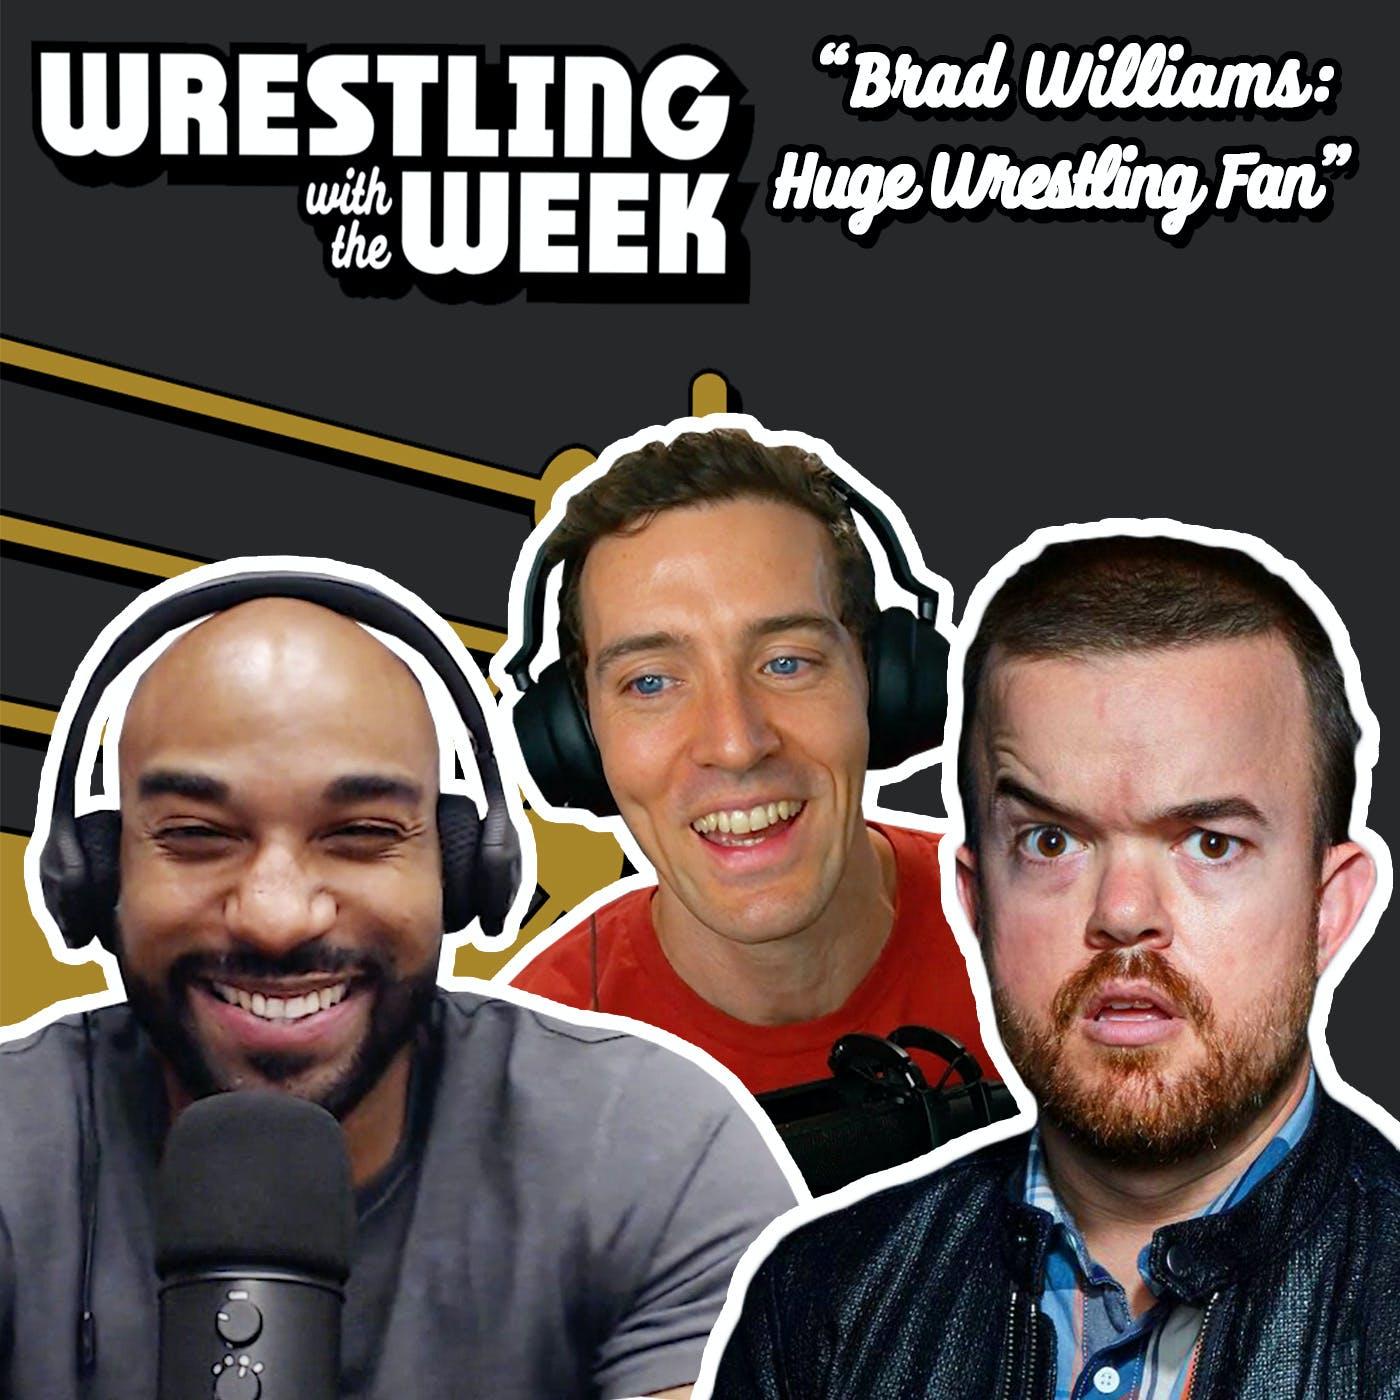 Brad Williams is a Huge Wrestling Fan